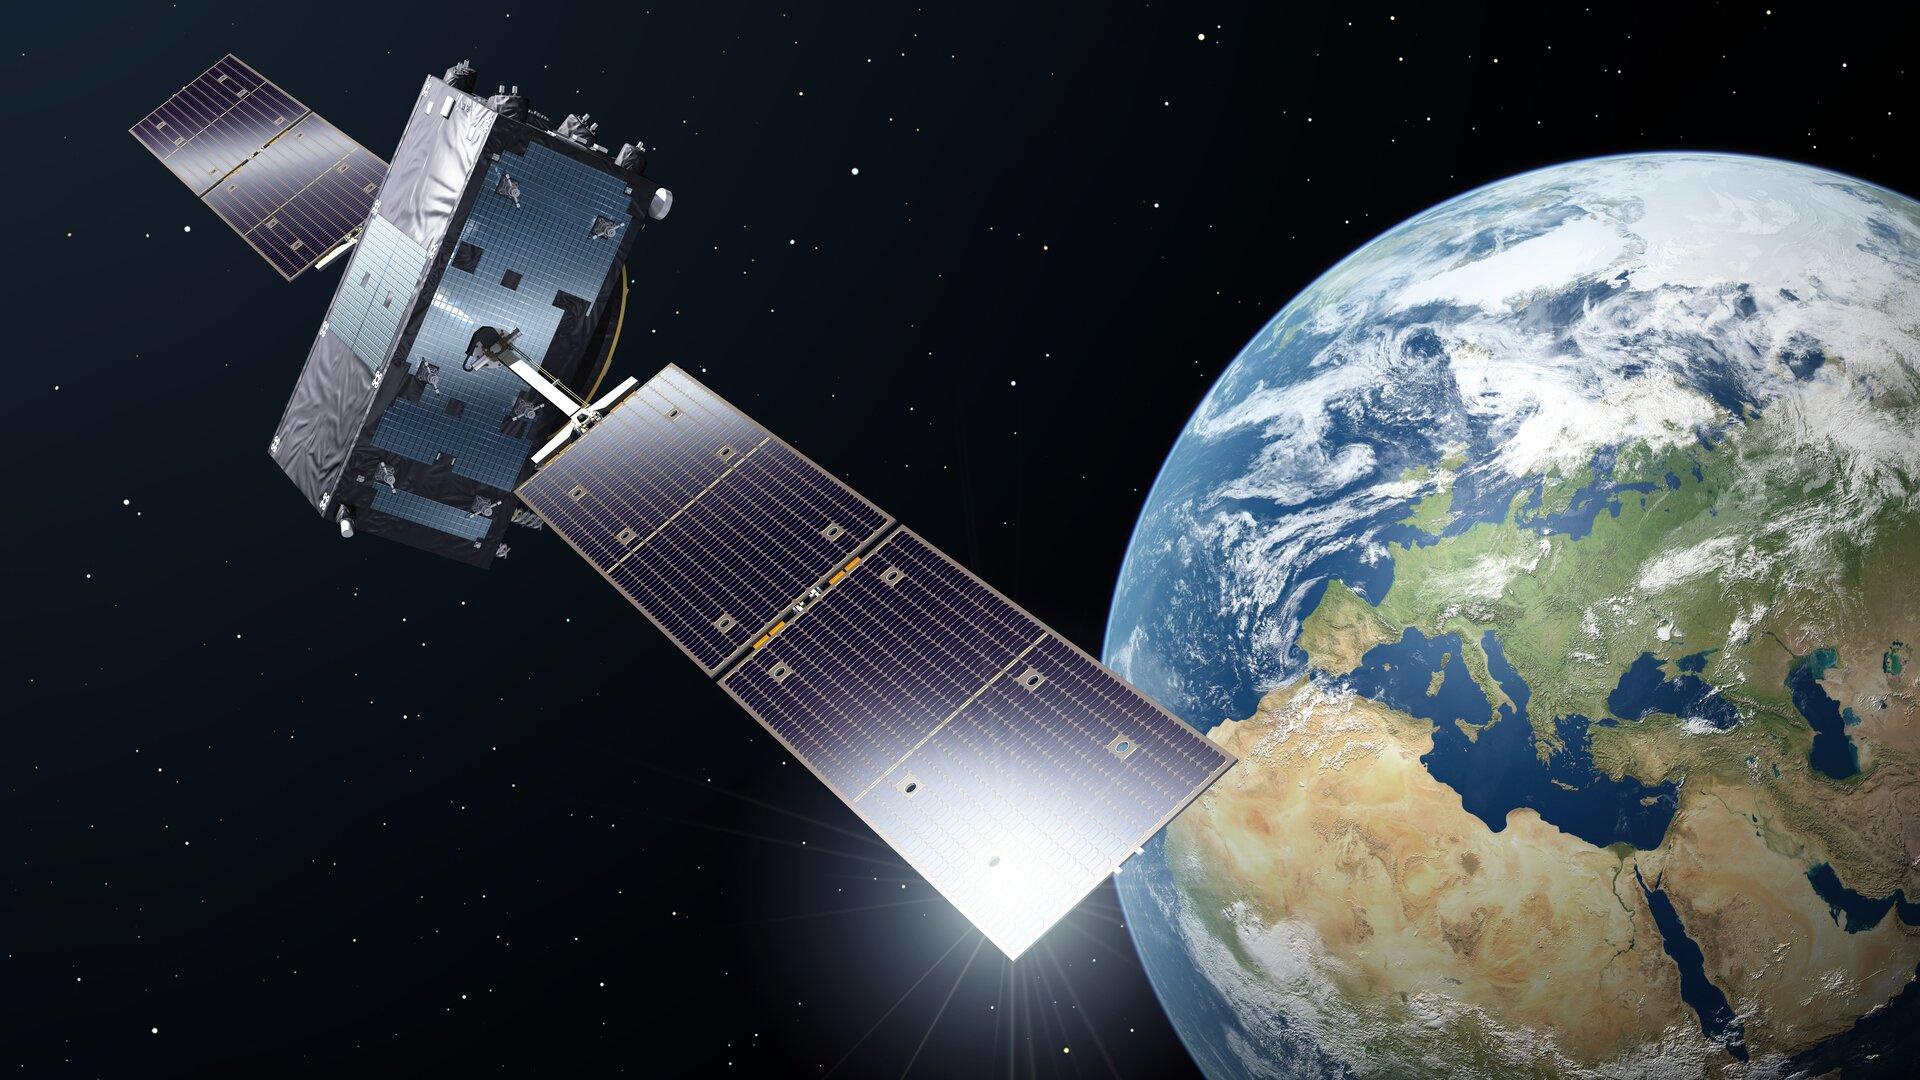 ASI - Galileo 2, contratto ESA-Thales per sei nuovi satelliti